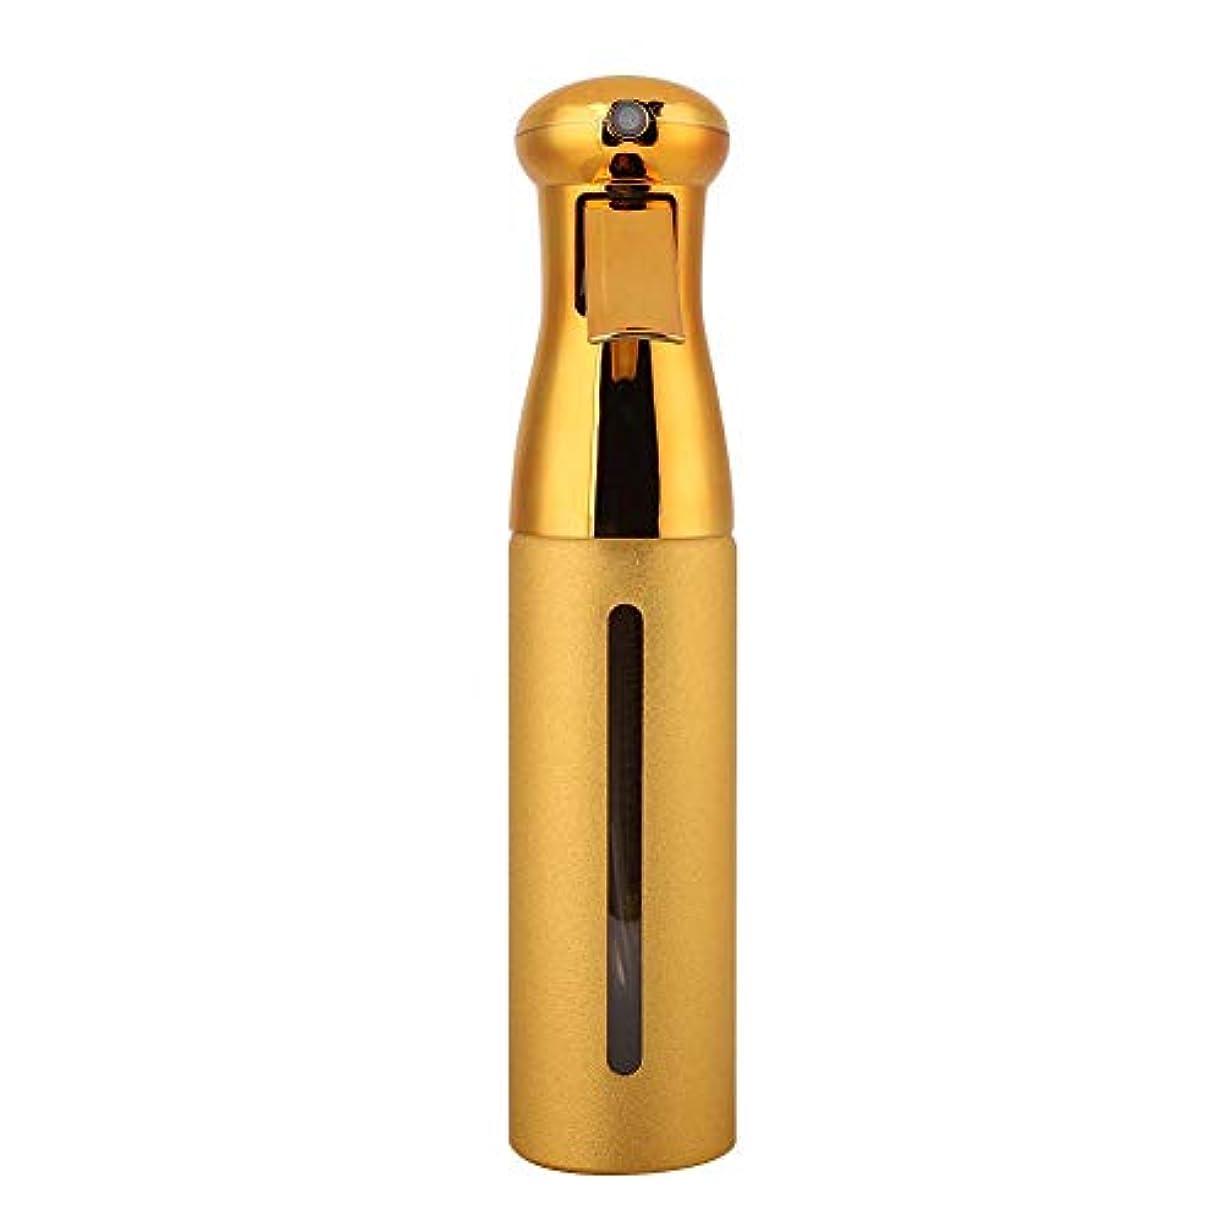 戦術拘束する交通渋滞250ml理髪スプレーボトル、サロン床屋ヘアツールファインミストスプレースタイリングツール(ゴールド)